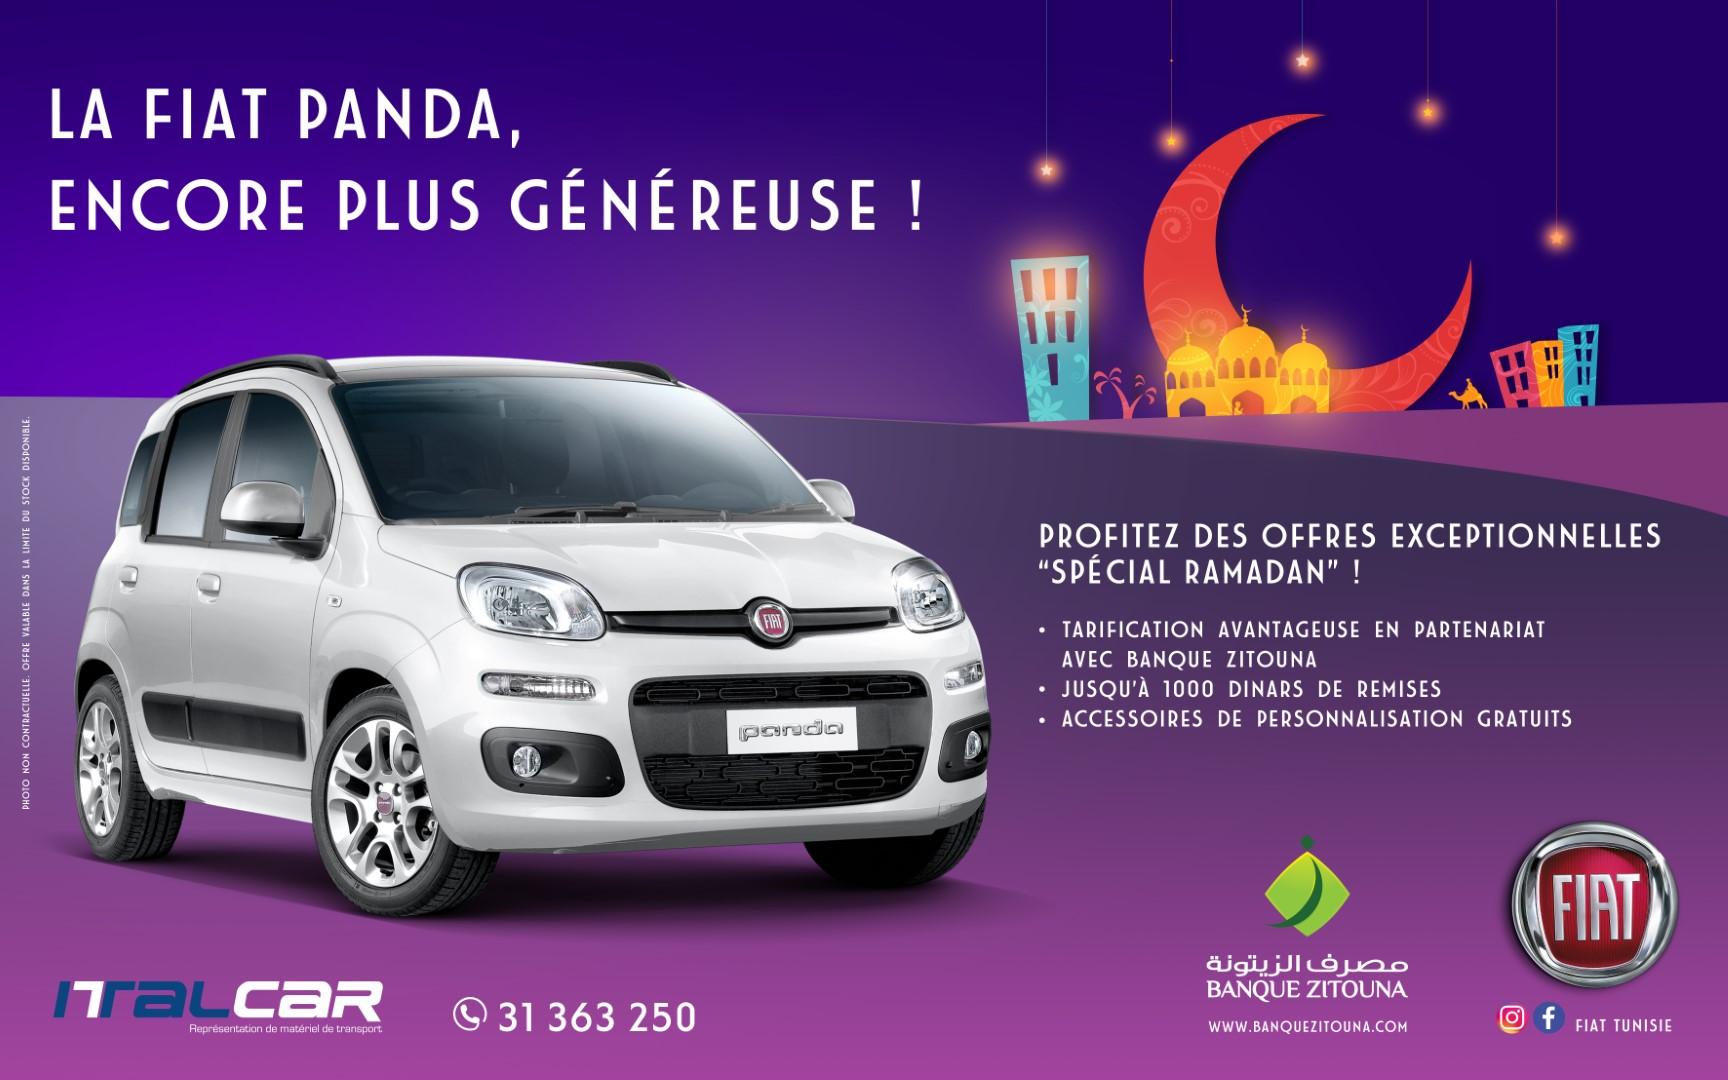 Offre spéciale sur la Fiat Panda chez Italcar